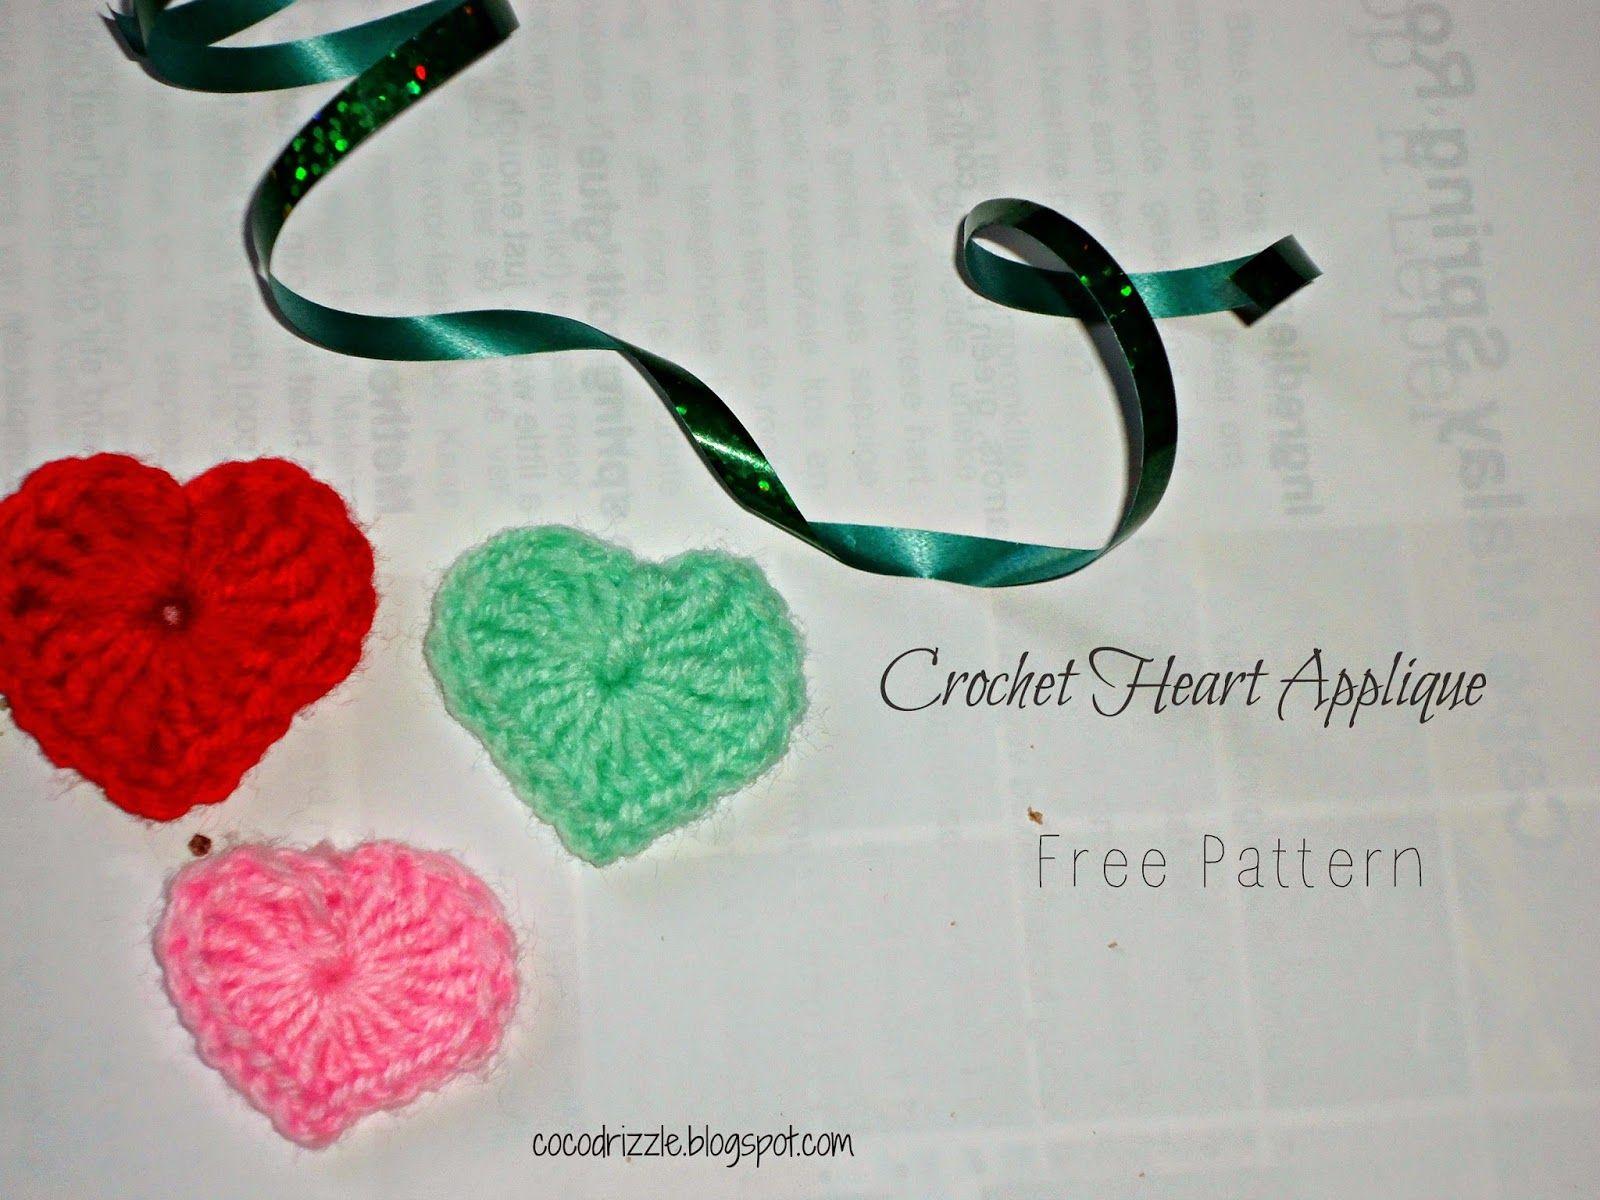 Crochet heart applique free pattern cocodrizzle knitting